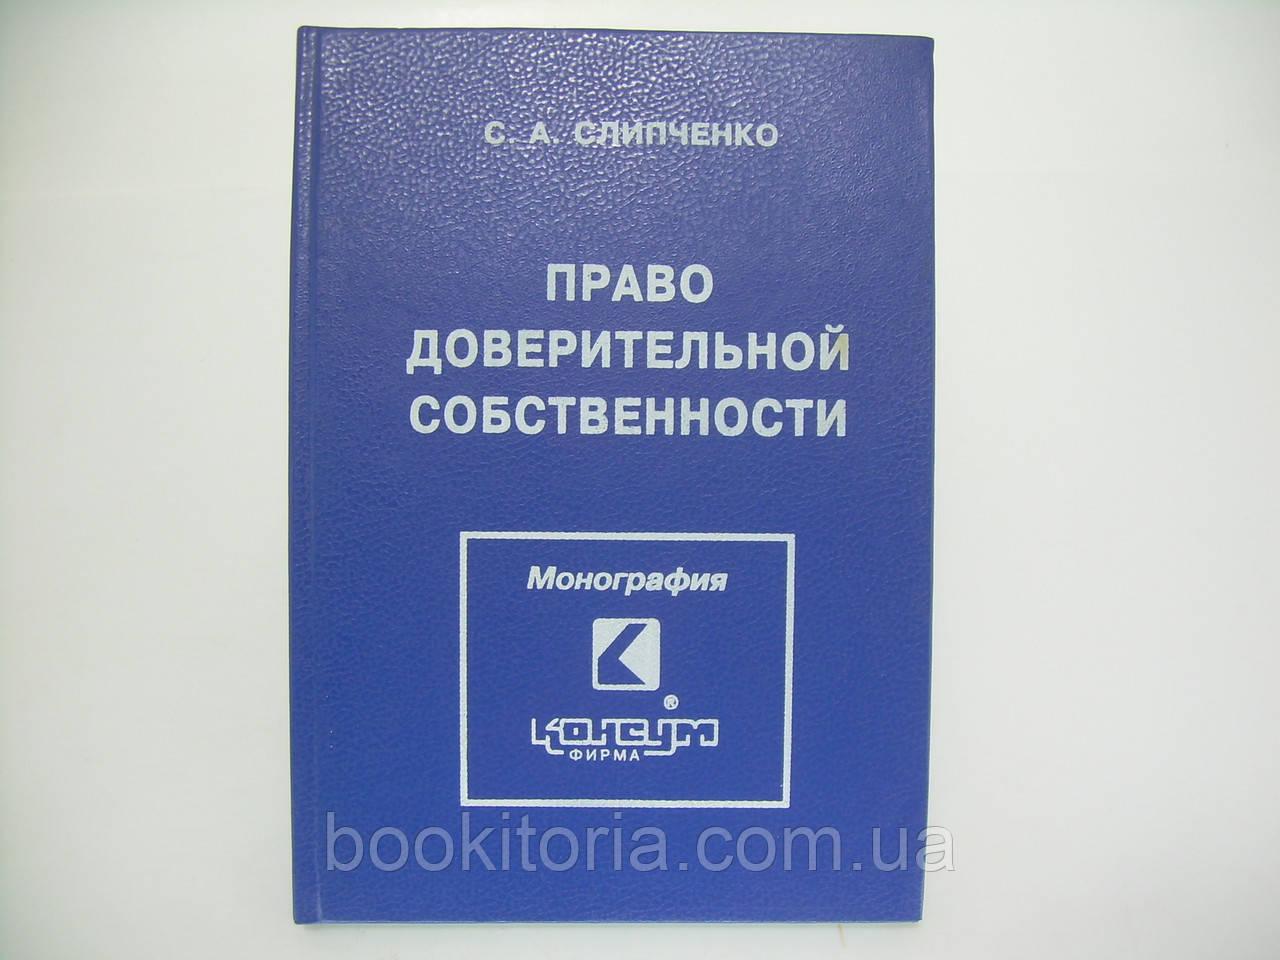 Слипченко С.А. Право доверительной собственности (б/у).